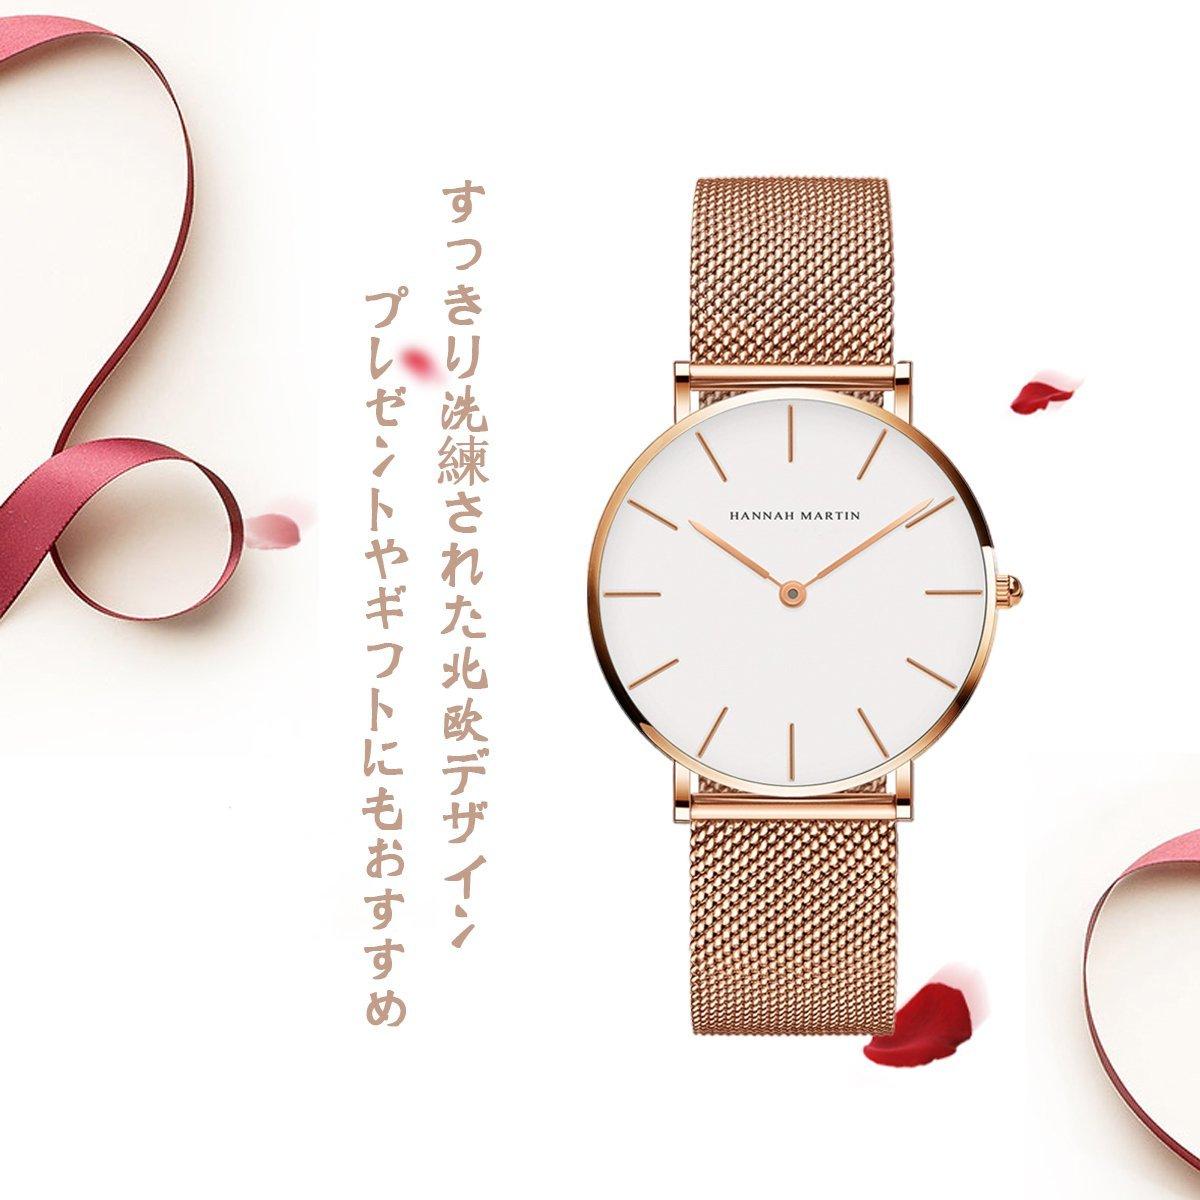 56a3a41a54 Amazon | レディース 腕時計 Hannah Martin おしゃれ クラシック シンプル 女性 時計 ビジネス クォーツ watch for  women(ホワイト) | 腕時計 | 腕時計 通販